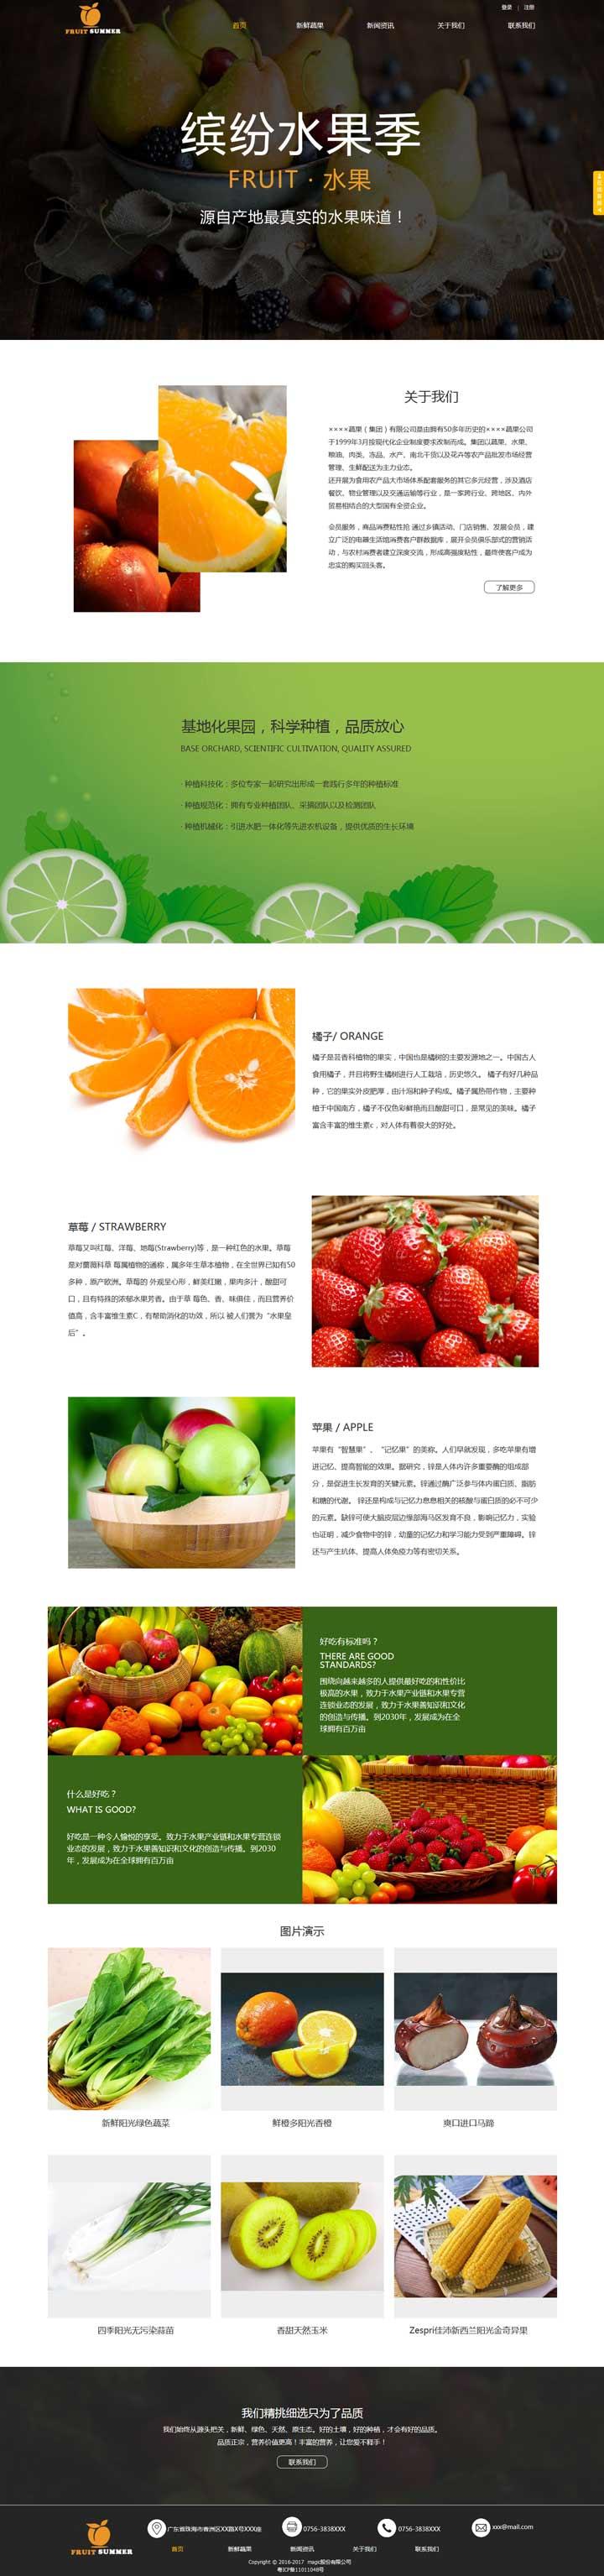 水果展示模板1